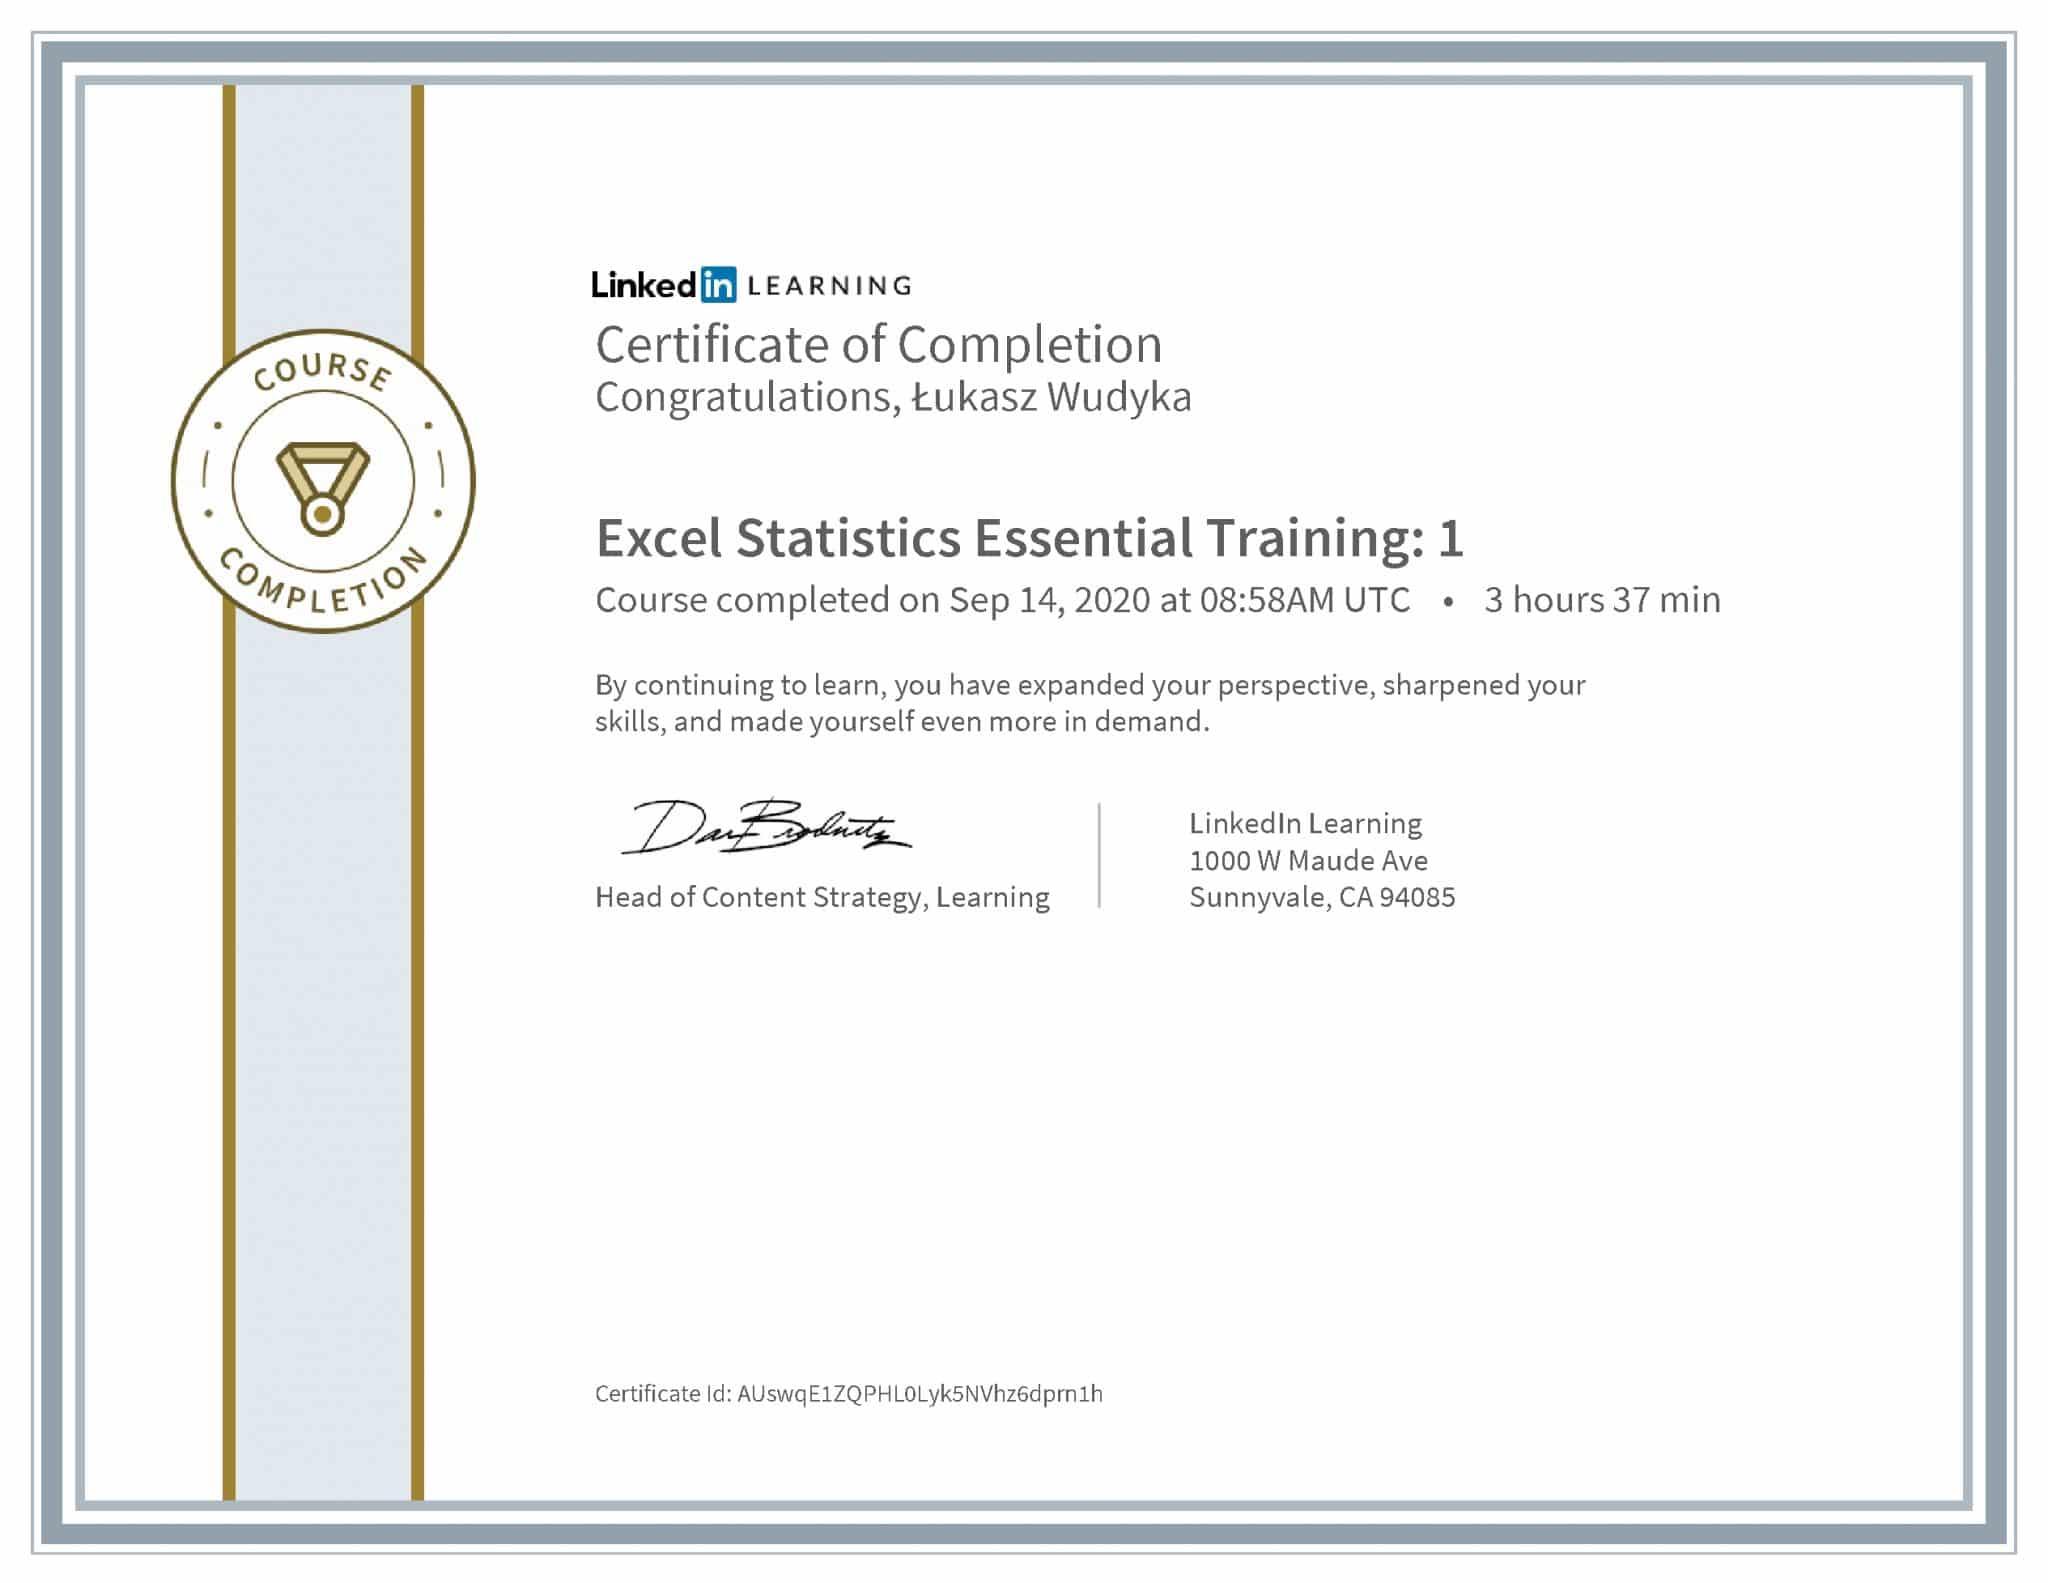 Łukasz Wudyka certyfikat LinkedIn Excel Statistics Essential Training: 1